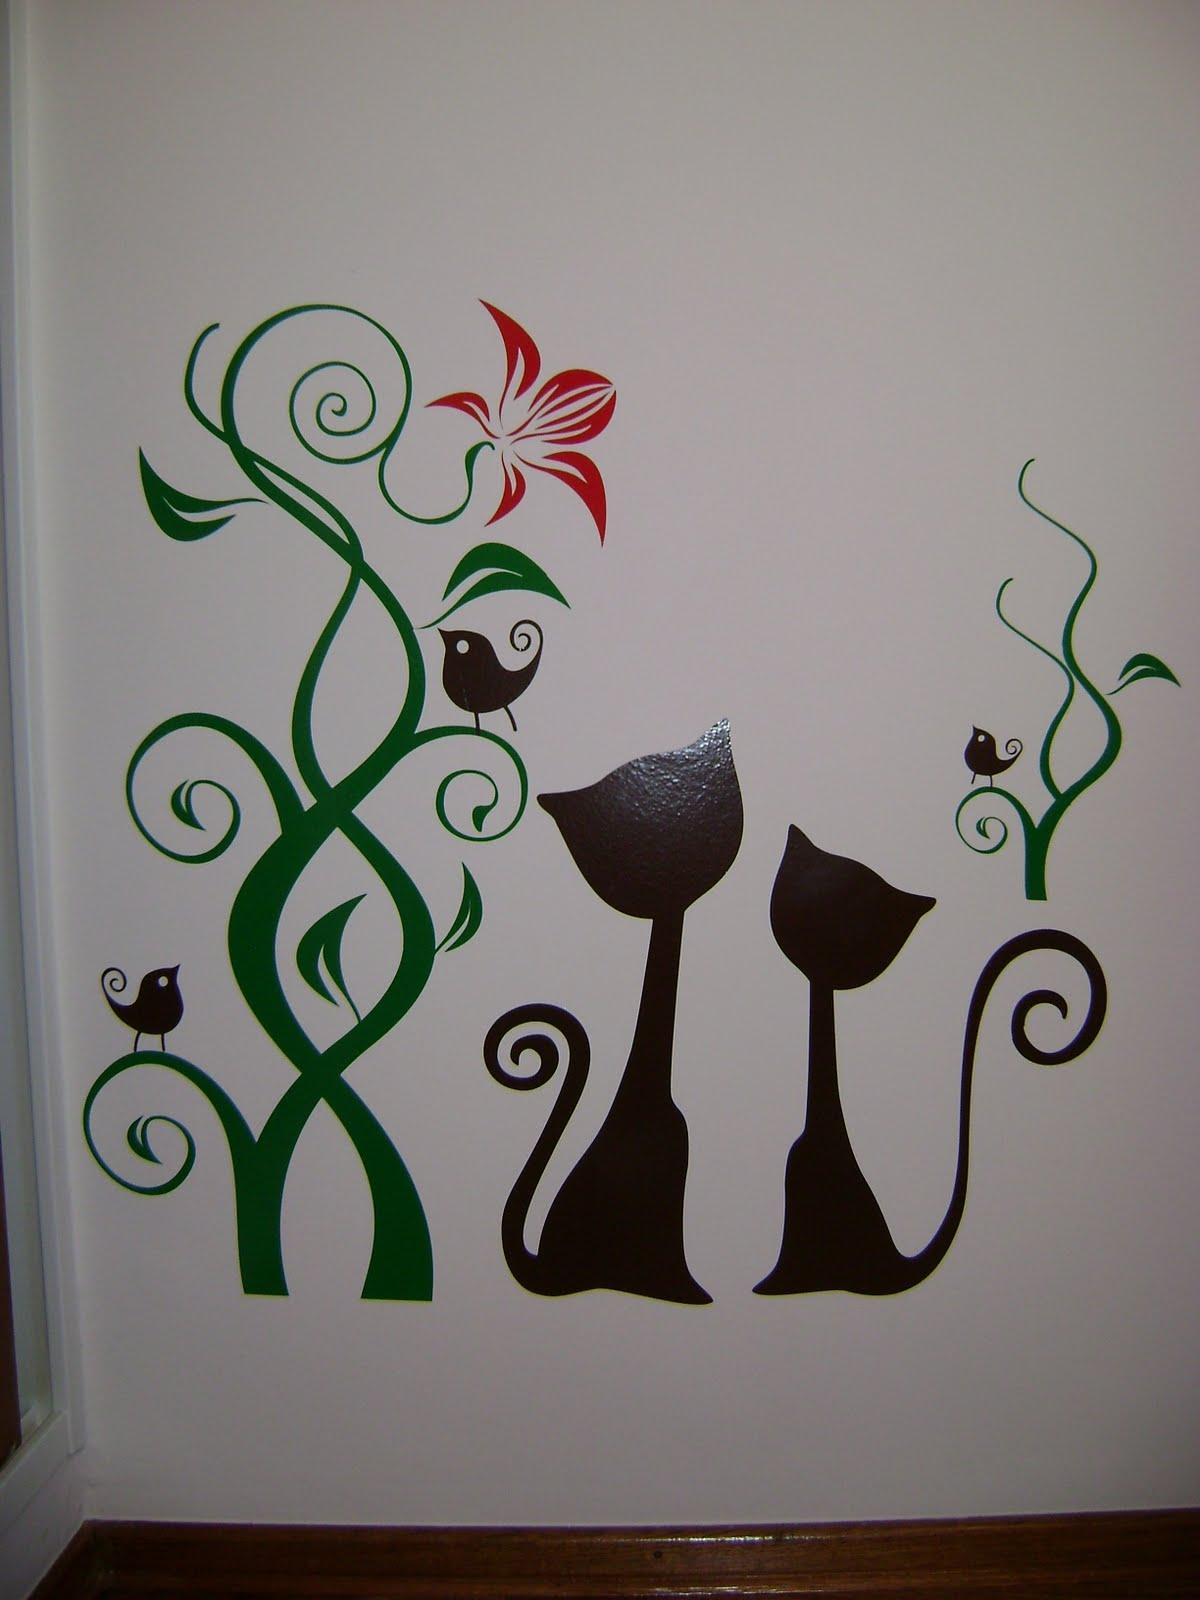 Vinilos Decorativos Infantiles, Florales y de Adultos - VinylAge ...